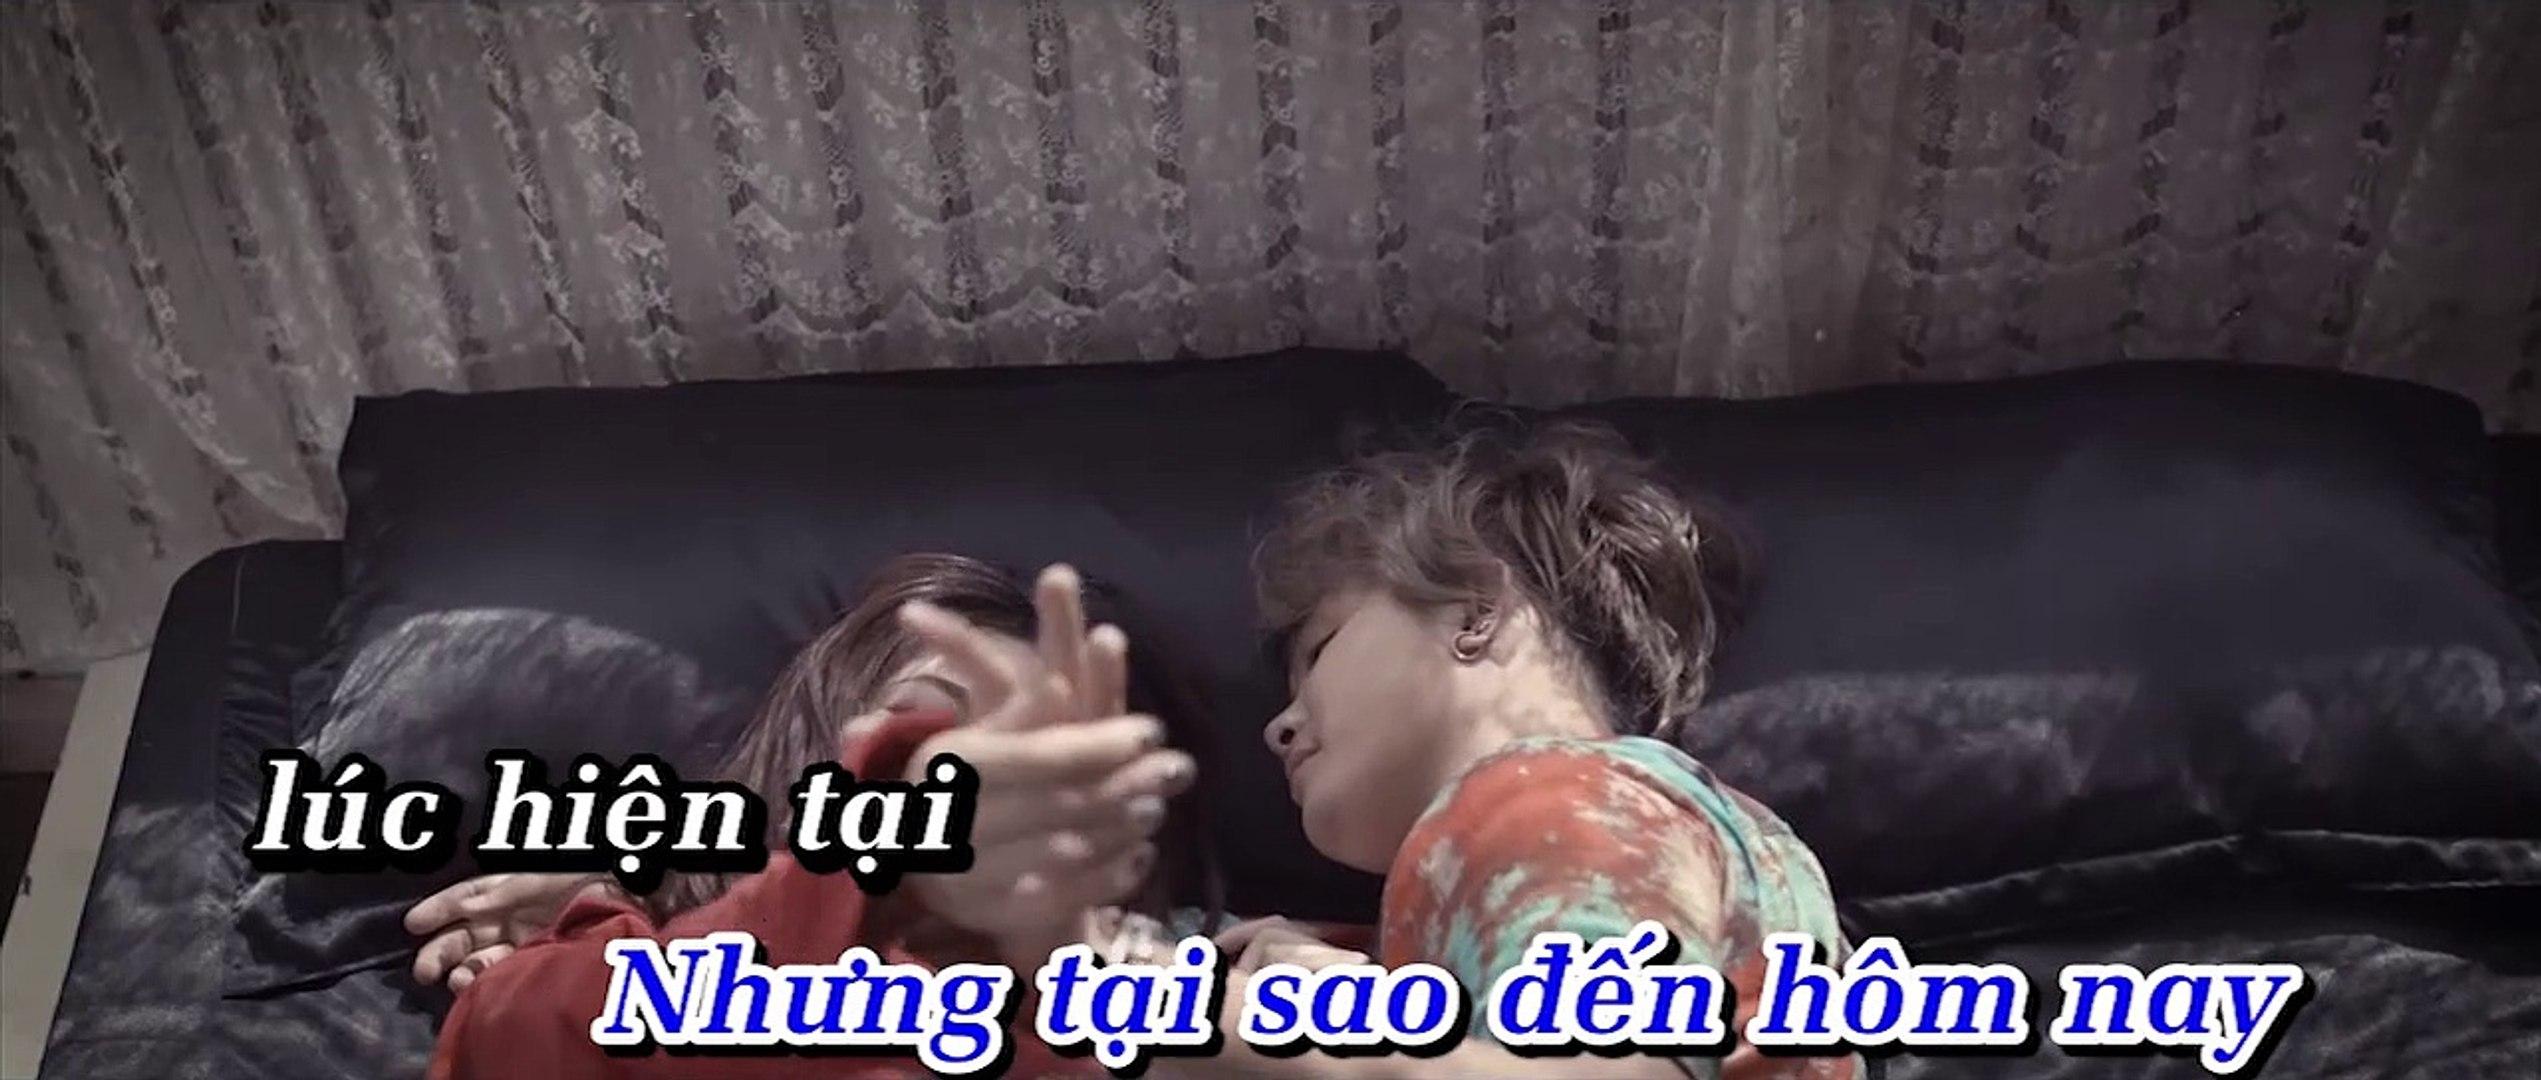 [Karaoke] Ngắm Hoa Lệ Rơi (Remix) - Châu Khải Phong [Beat]